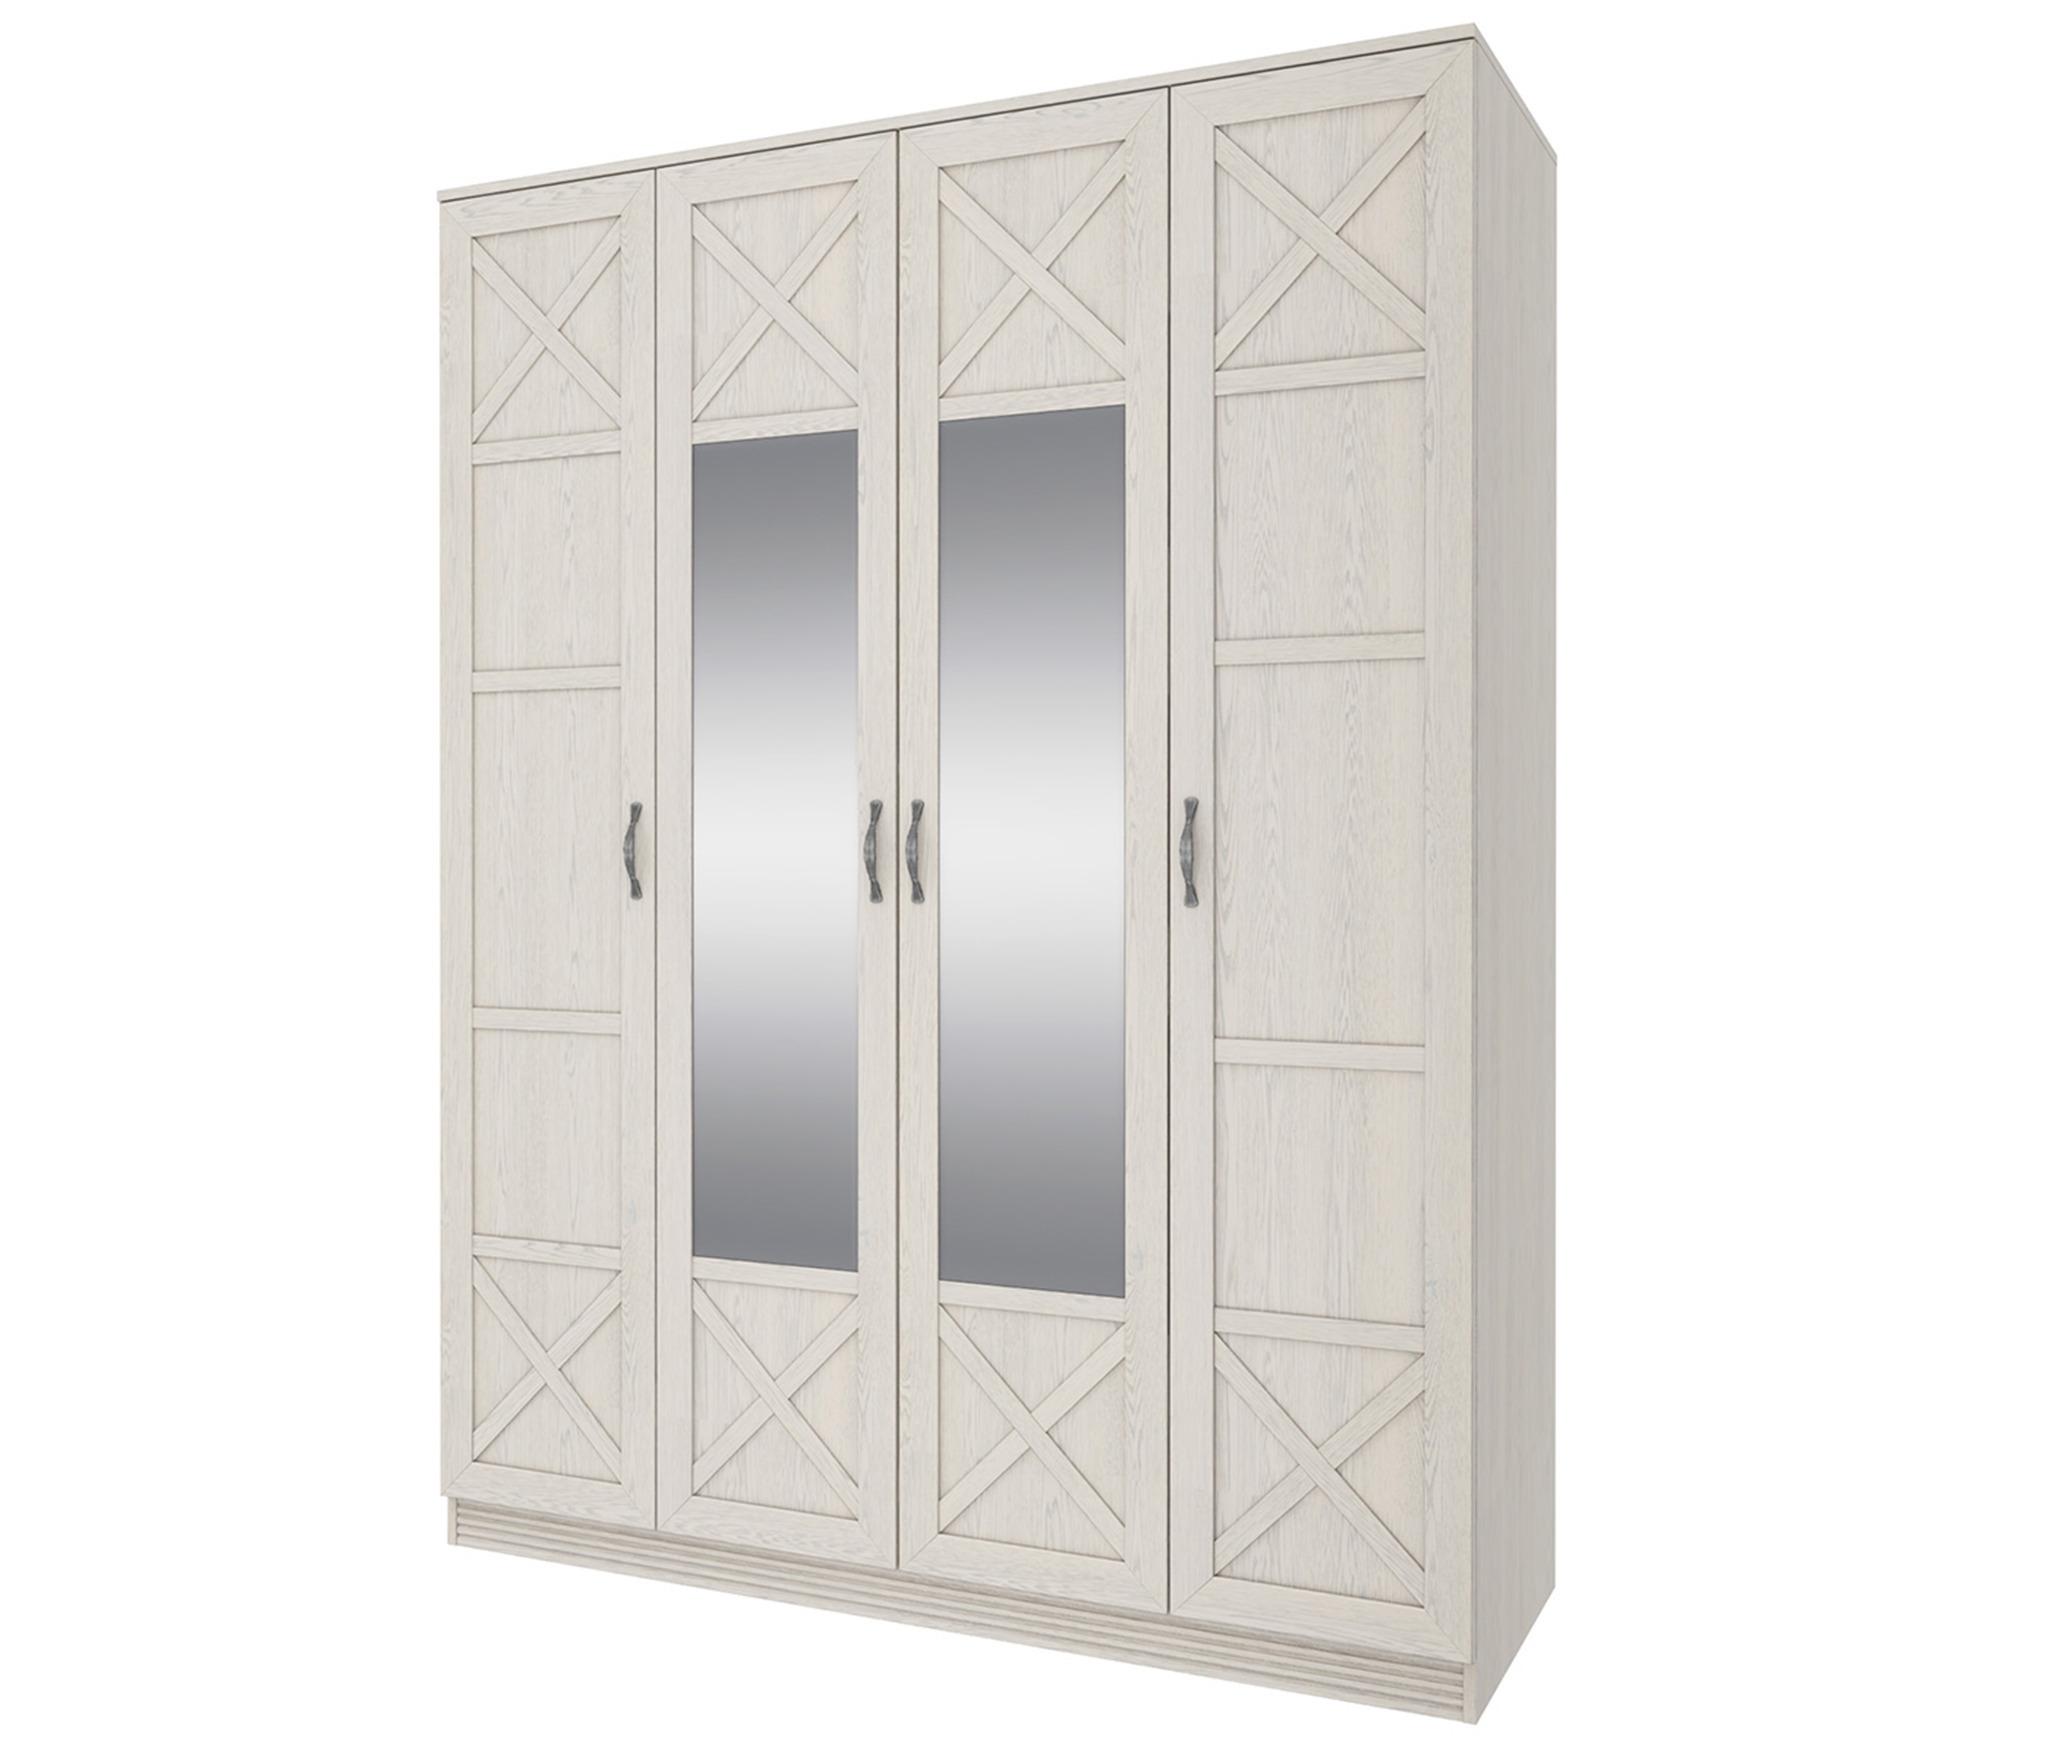 Лозанна СТЛ.223.01 Шкаф 4 дверный с зеркаломШкафы<br><br><br>Длина мм: 1600<br>Высота мм: 2130<br>Глубина мм: 590